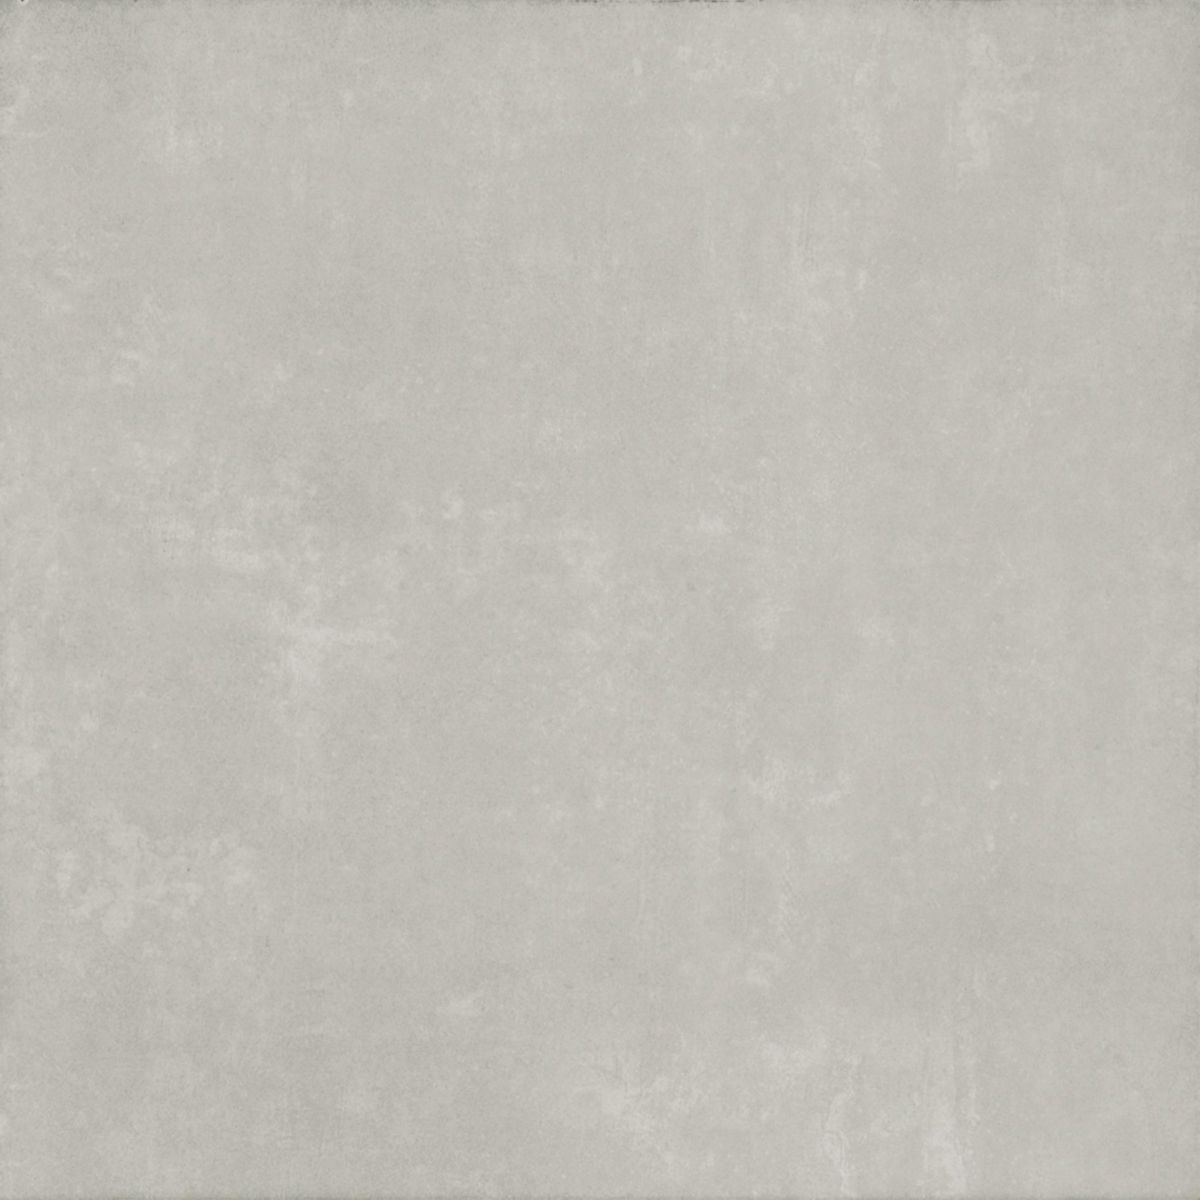 Carrelage sol grès émaillé Galaxy beige 45x45 cm tendance ...